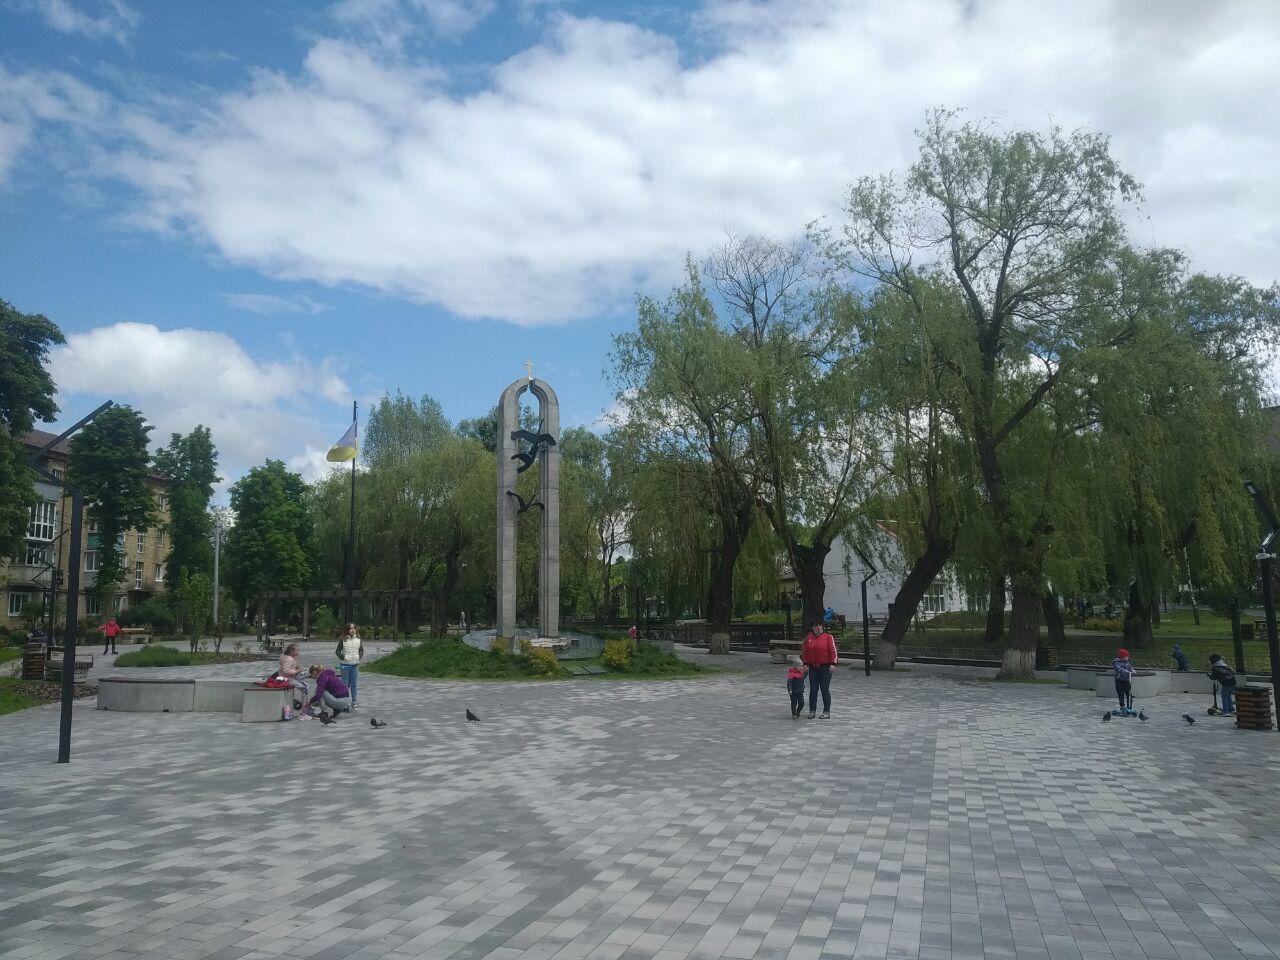 У Василькові розпочався збір підписів за збереження Васильківського району -  - photo 2020 06 12 17 37 29